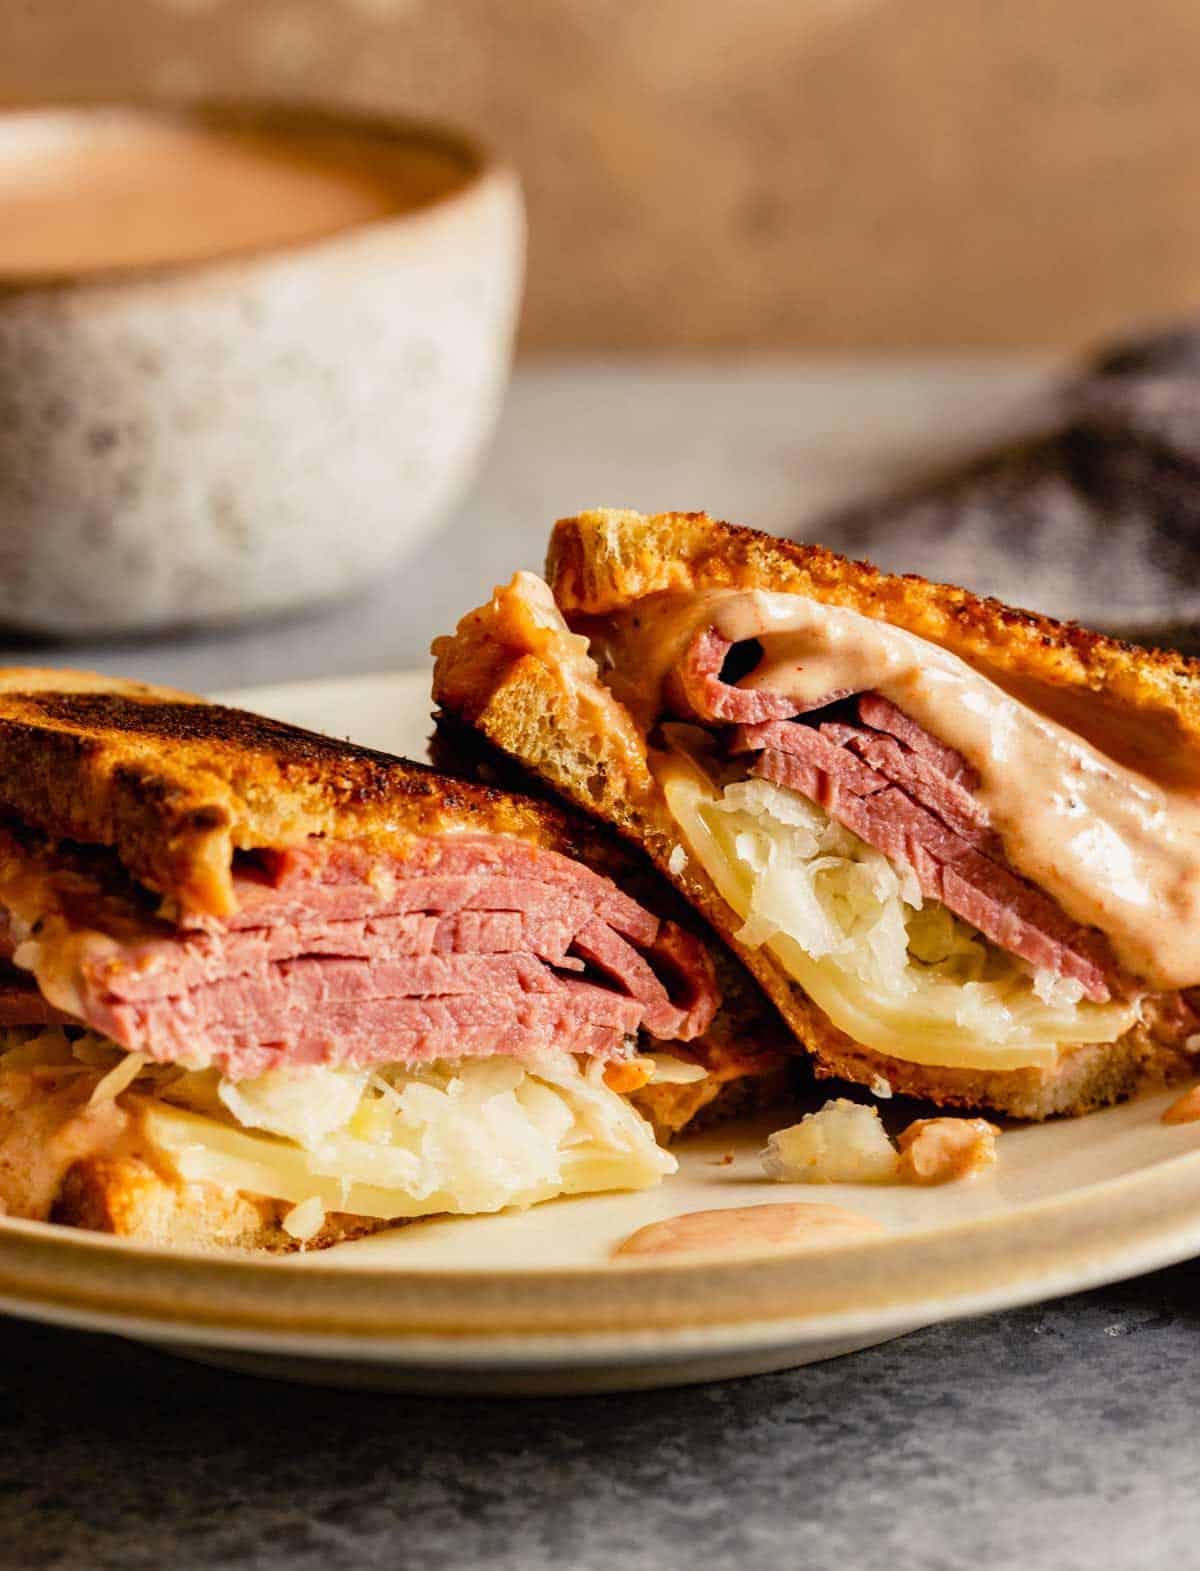 A Reuben sandwich cut in half on a plate.